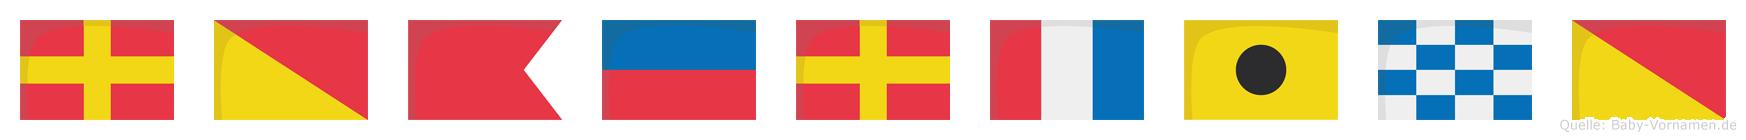 Robertino im Flaggenalphabet